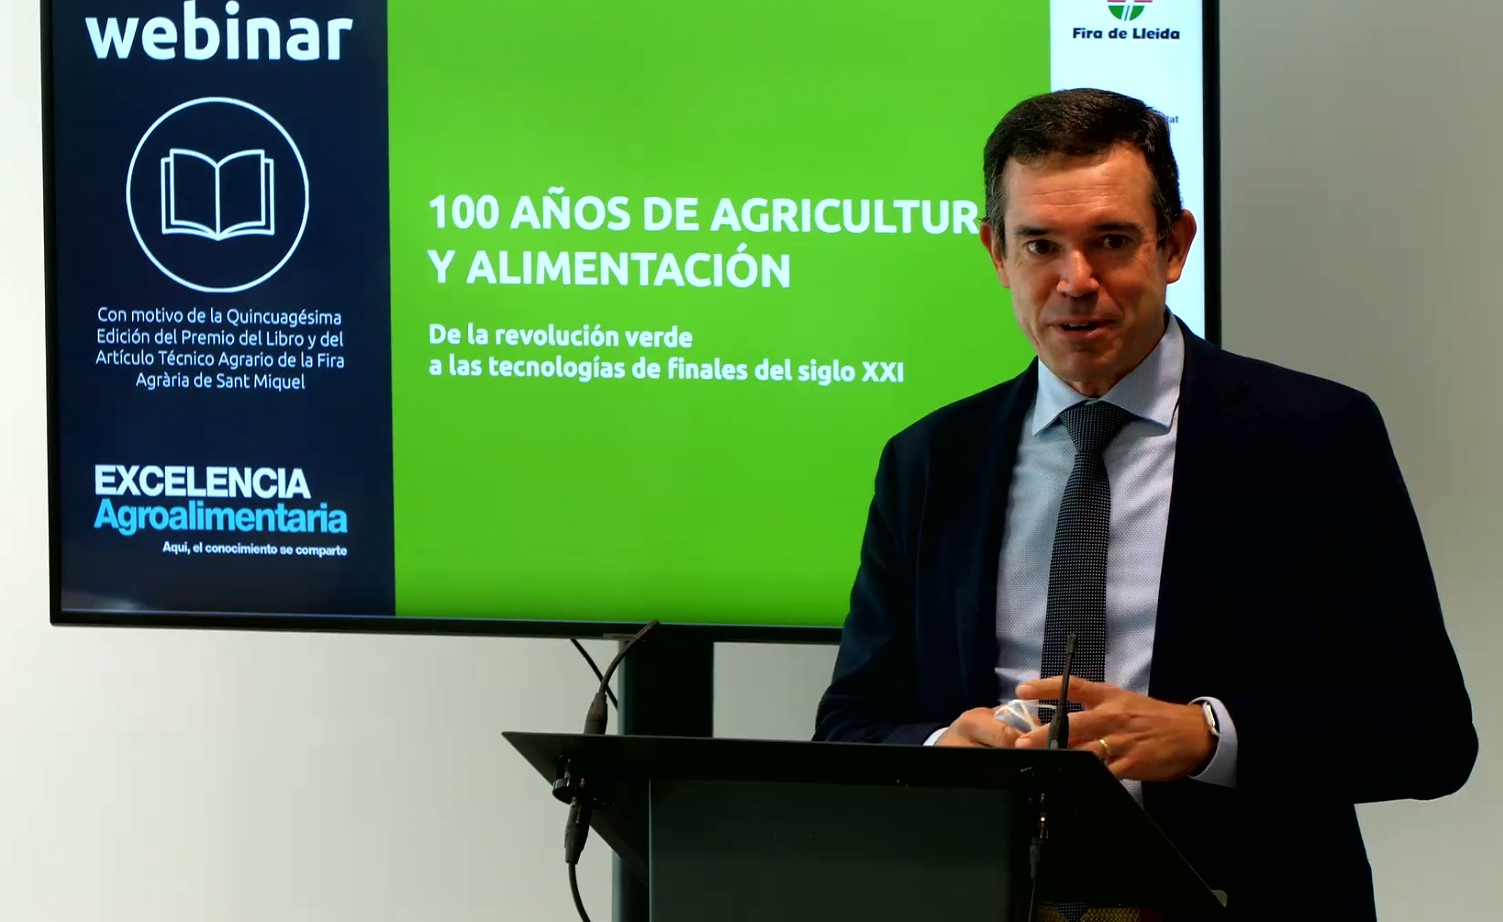 El Col·legi d'Enginyers Agrònoms participa en jornada:100 anys d'Agricultura i Alimentació